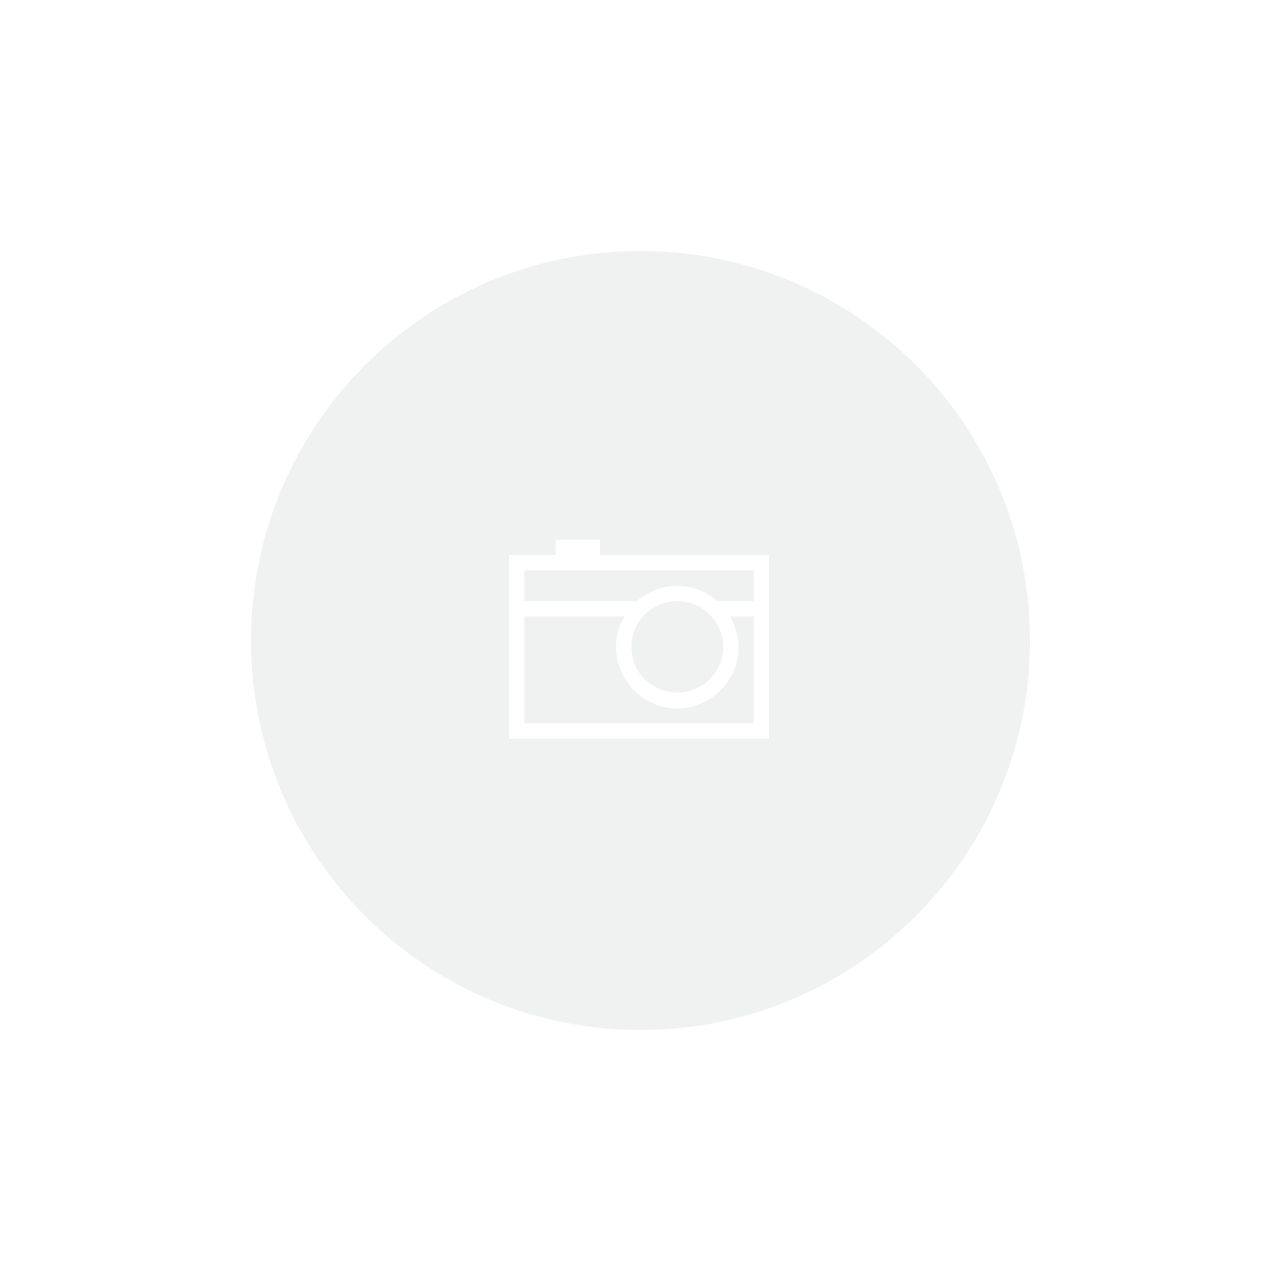 Relé de Estado Sólido 100A - SSR-48100